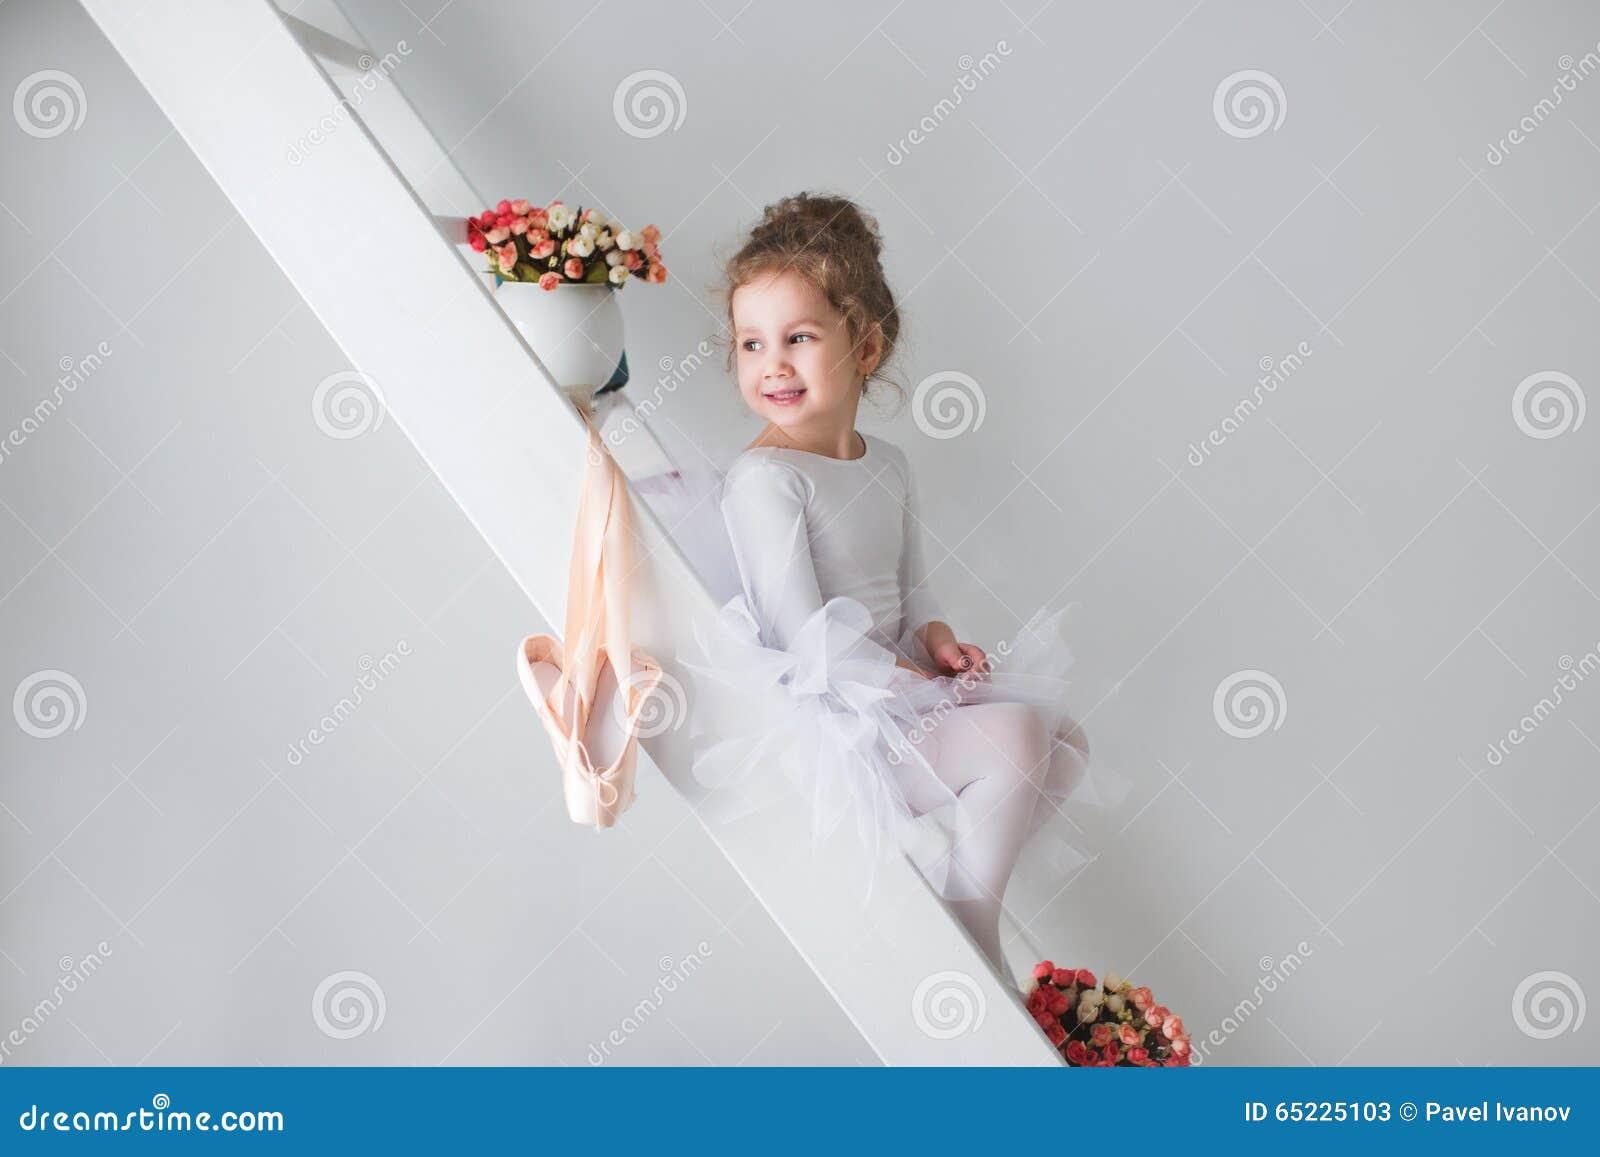 Pequeña bailarina joven adorable en un humor juguetón